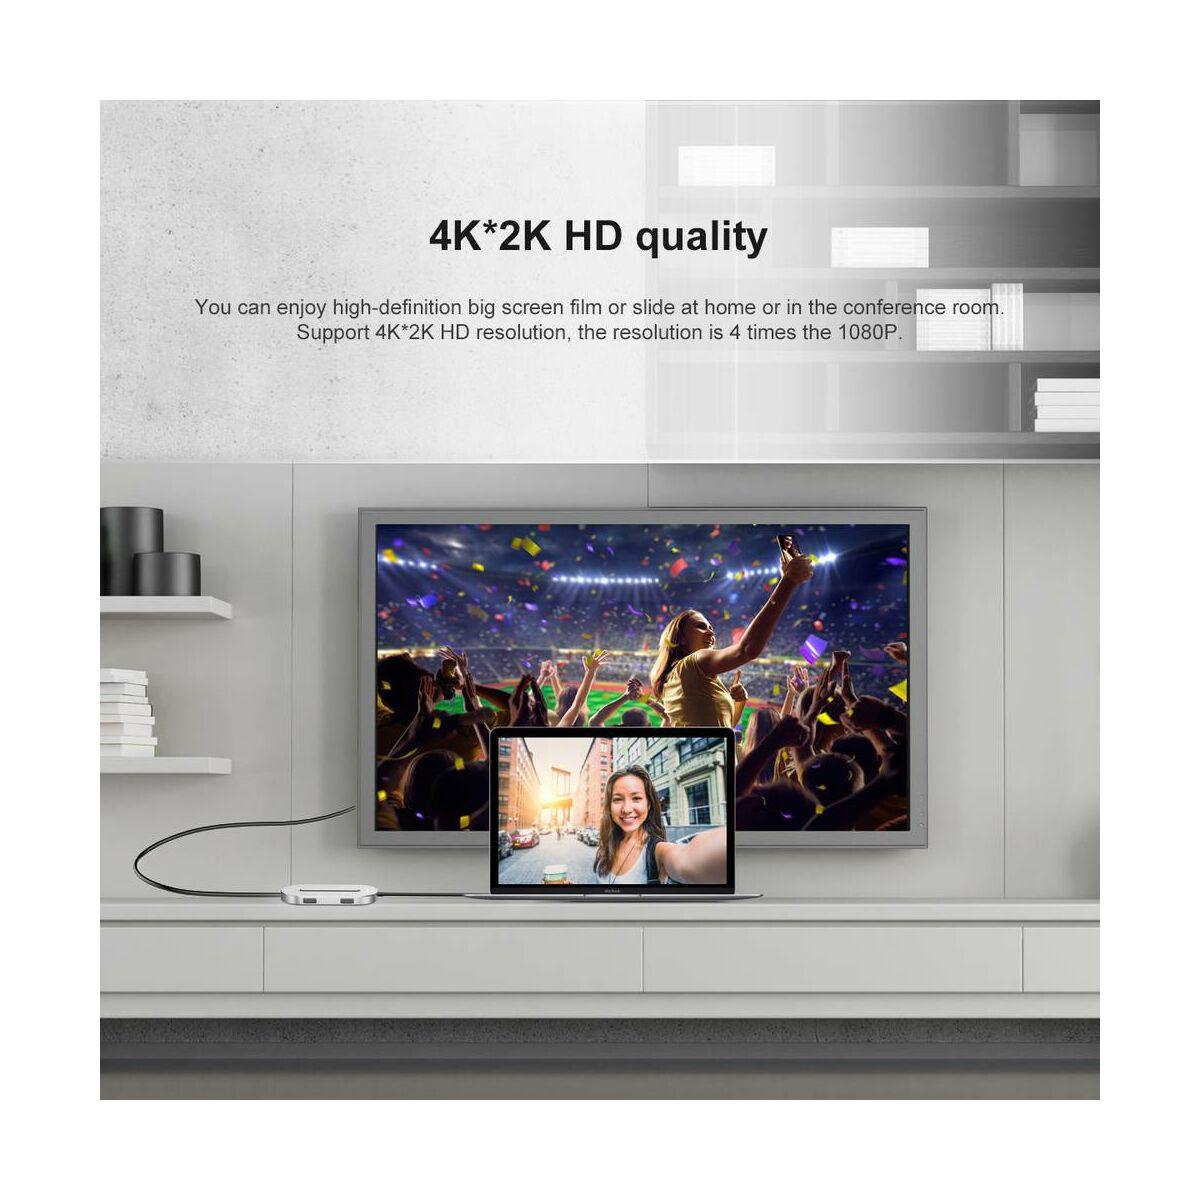 Baseus HUB, O Shape multifunkcionális (Type-C bemenetről - 4K HDMI/1xUSB3.0/2xUSB2.0/Type-C) adapter, ezüst (CABOOK-0S)